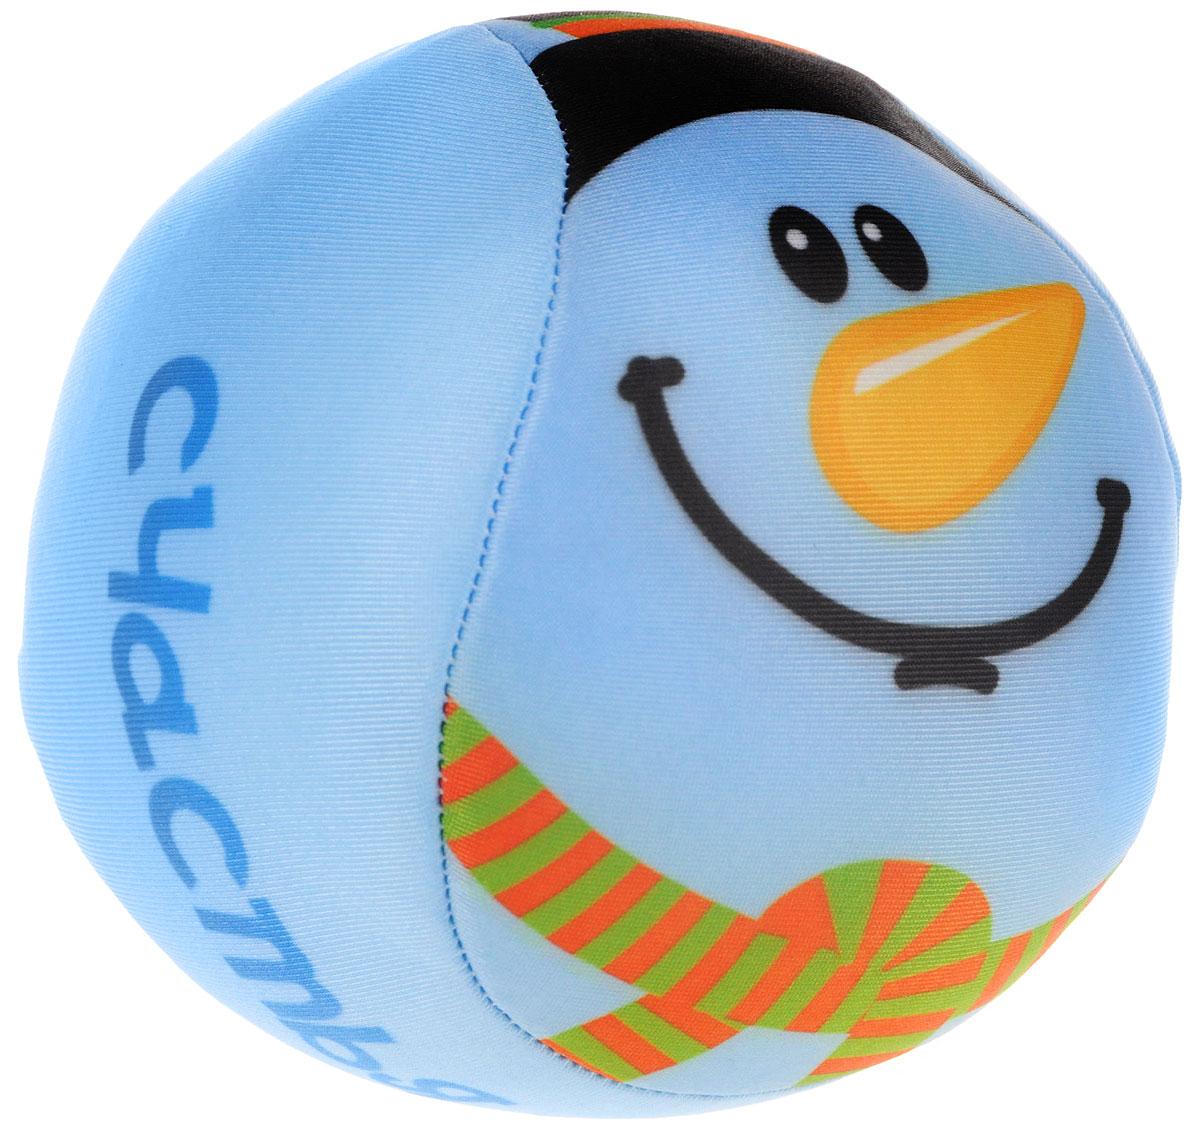 Home Queen Мягкая игрушка-антистресс Снеговик 10 см68088_голубойМягкая игрушка-антистресс Home Queen Снеговик - это не только антистресс, но и оригинальная игрушка для вашего малыша. Она пластичная, приятная на ощупь. Чехол из трикотажной ткани оформлен забавной рожицей снеговика. Внутри - антистрессовый полистироловый наполнитель. Игрушка с мягкой пластичной структурой и ярким цветом станет прекрасным подарком как ребенку, так и взрослому.